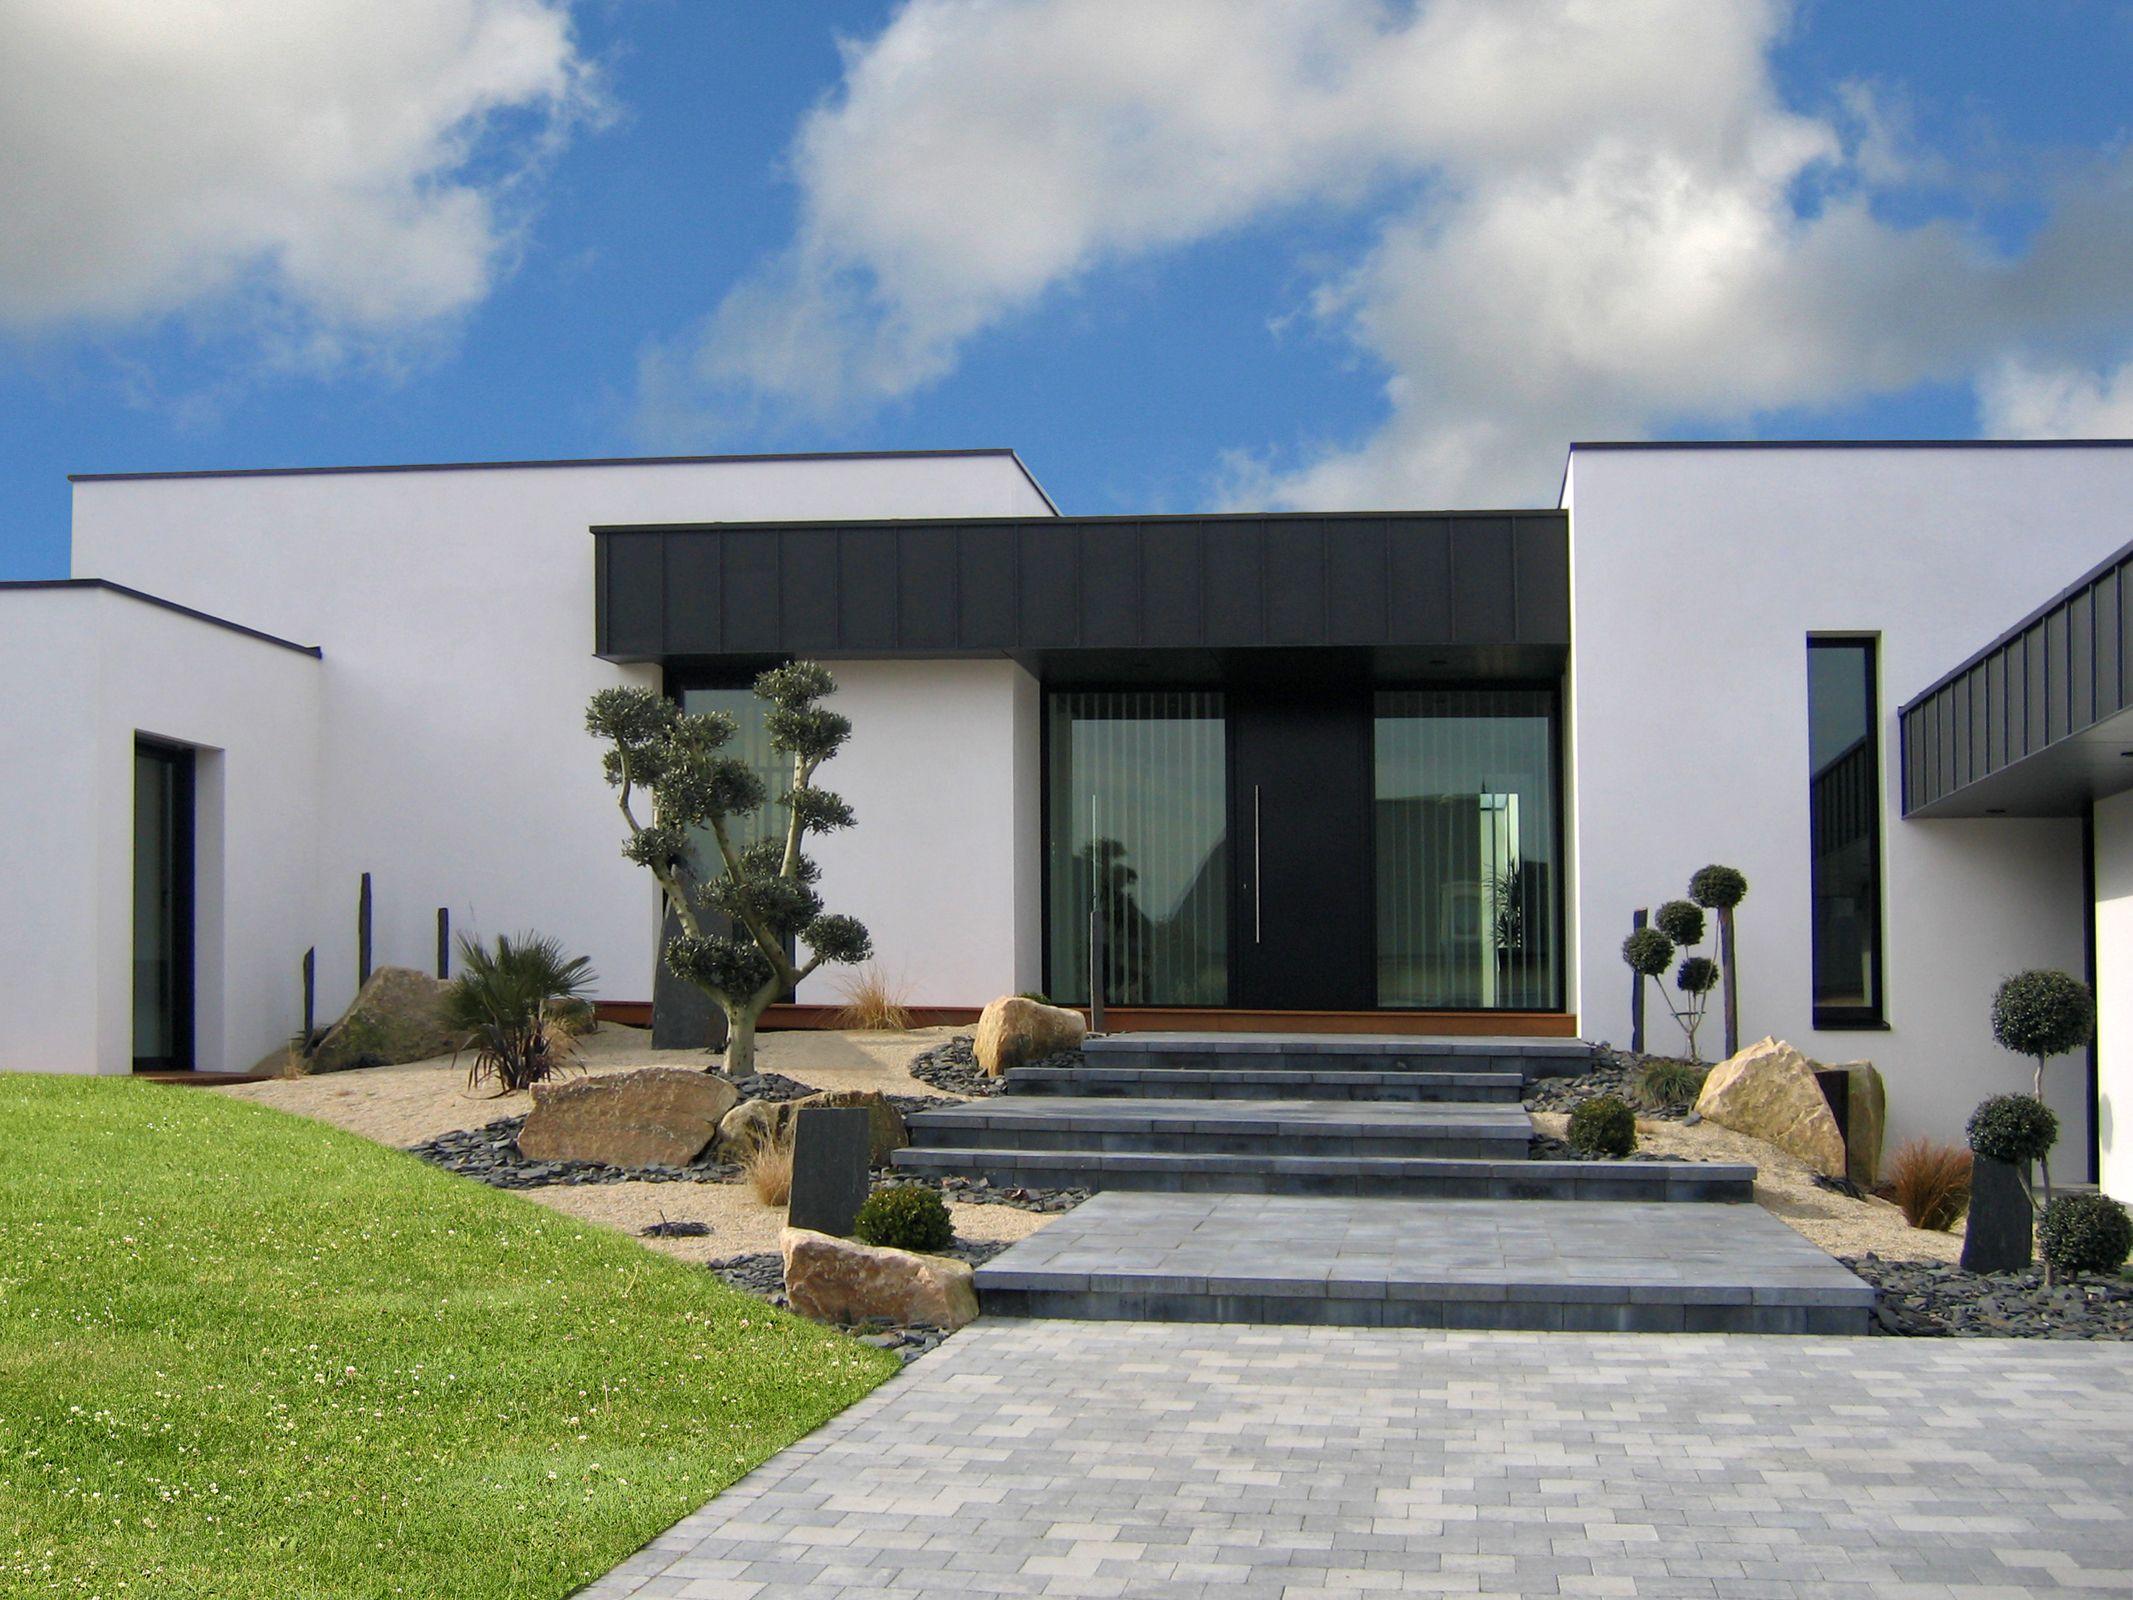 amenagement.exterieur maison moderne - Recherche Google | plans ...